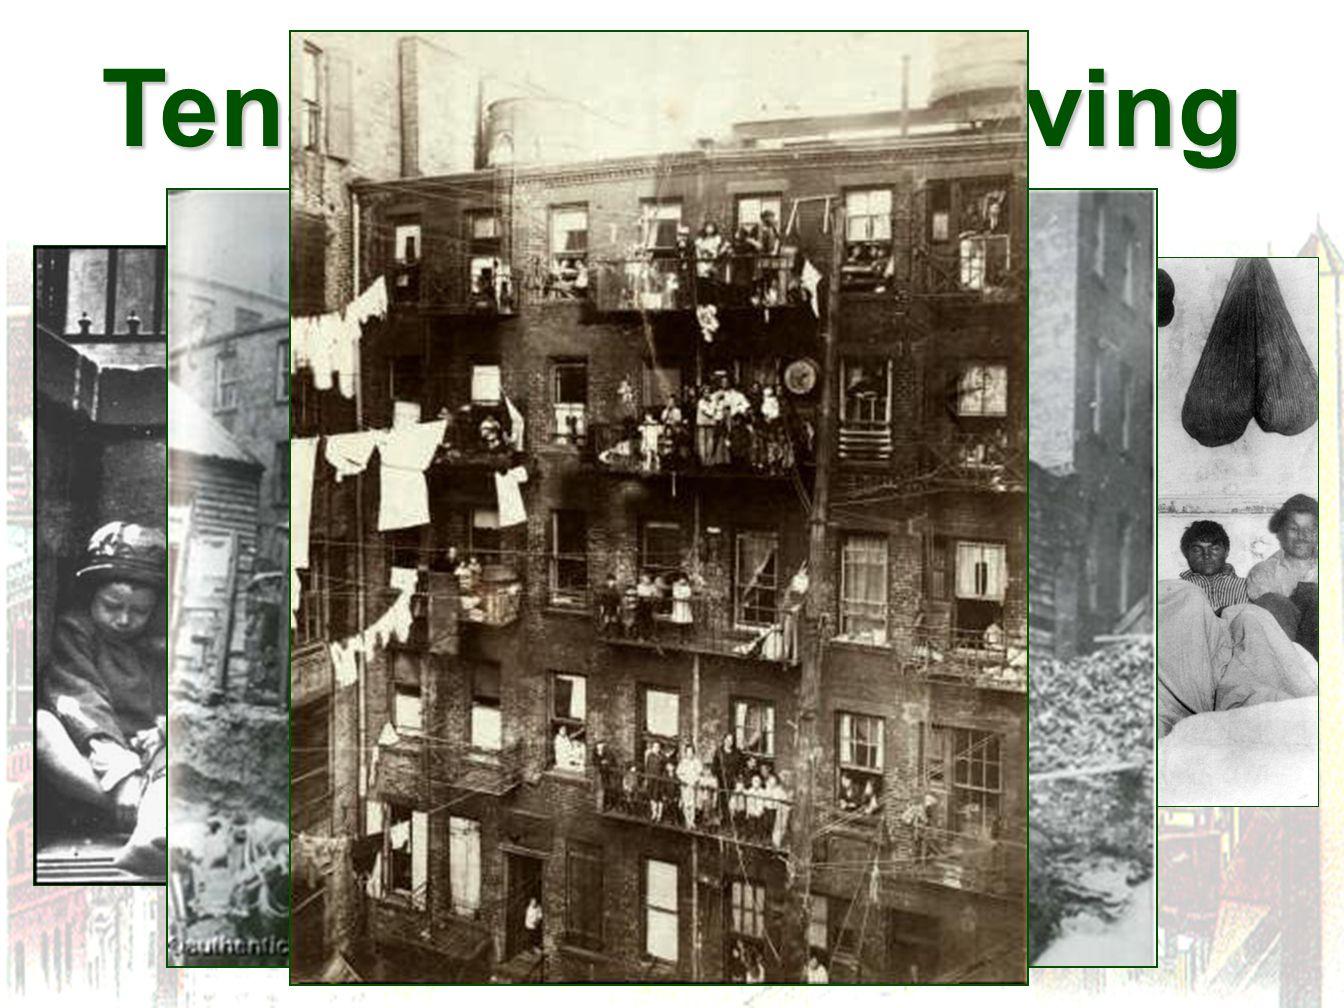 Tenement Slum Living